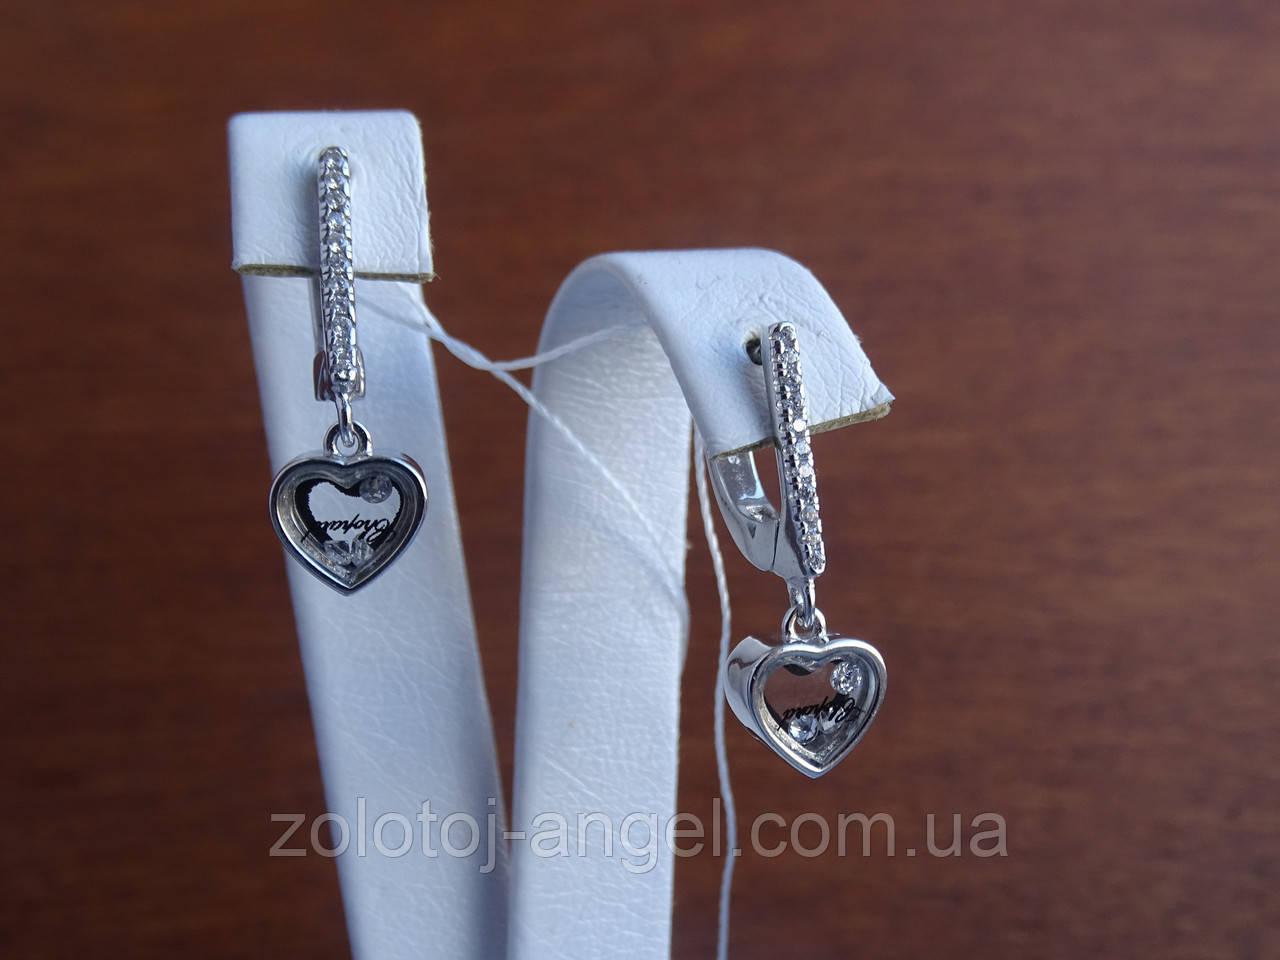 Серебряные дизайнерские серьги в стиле Сartie(Картье)